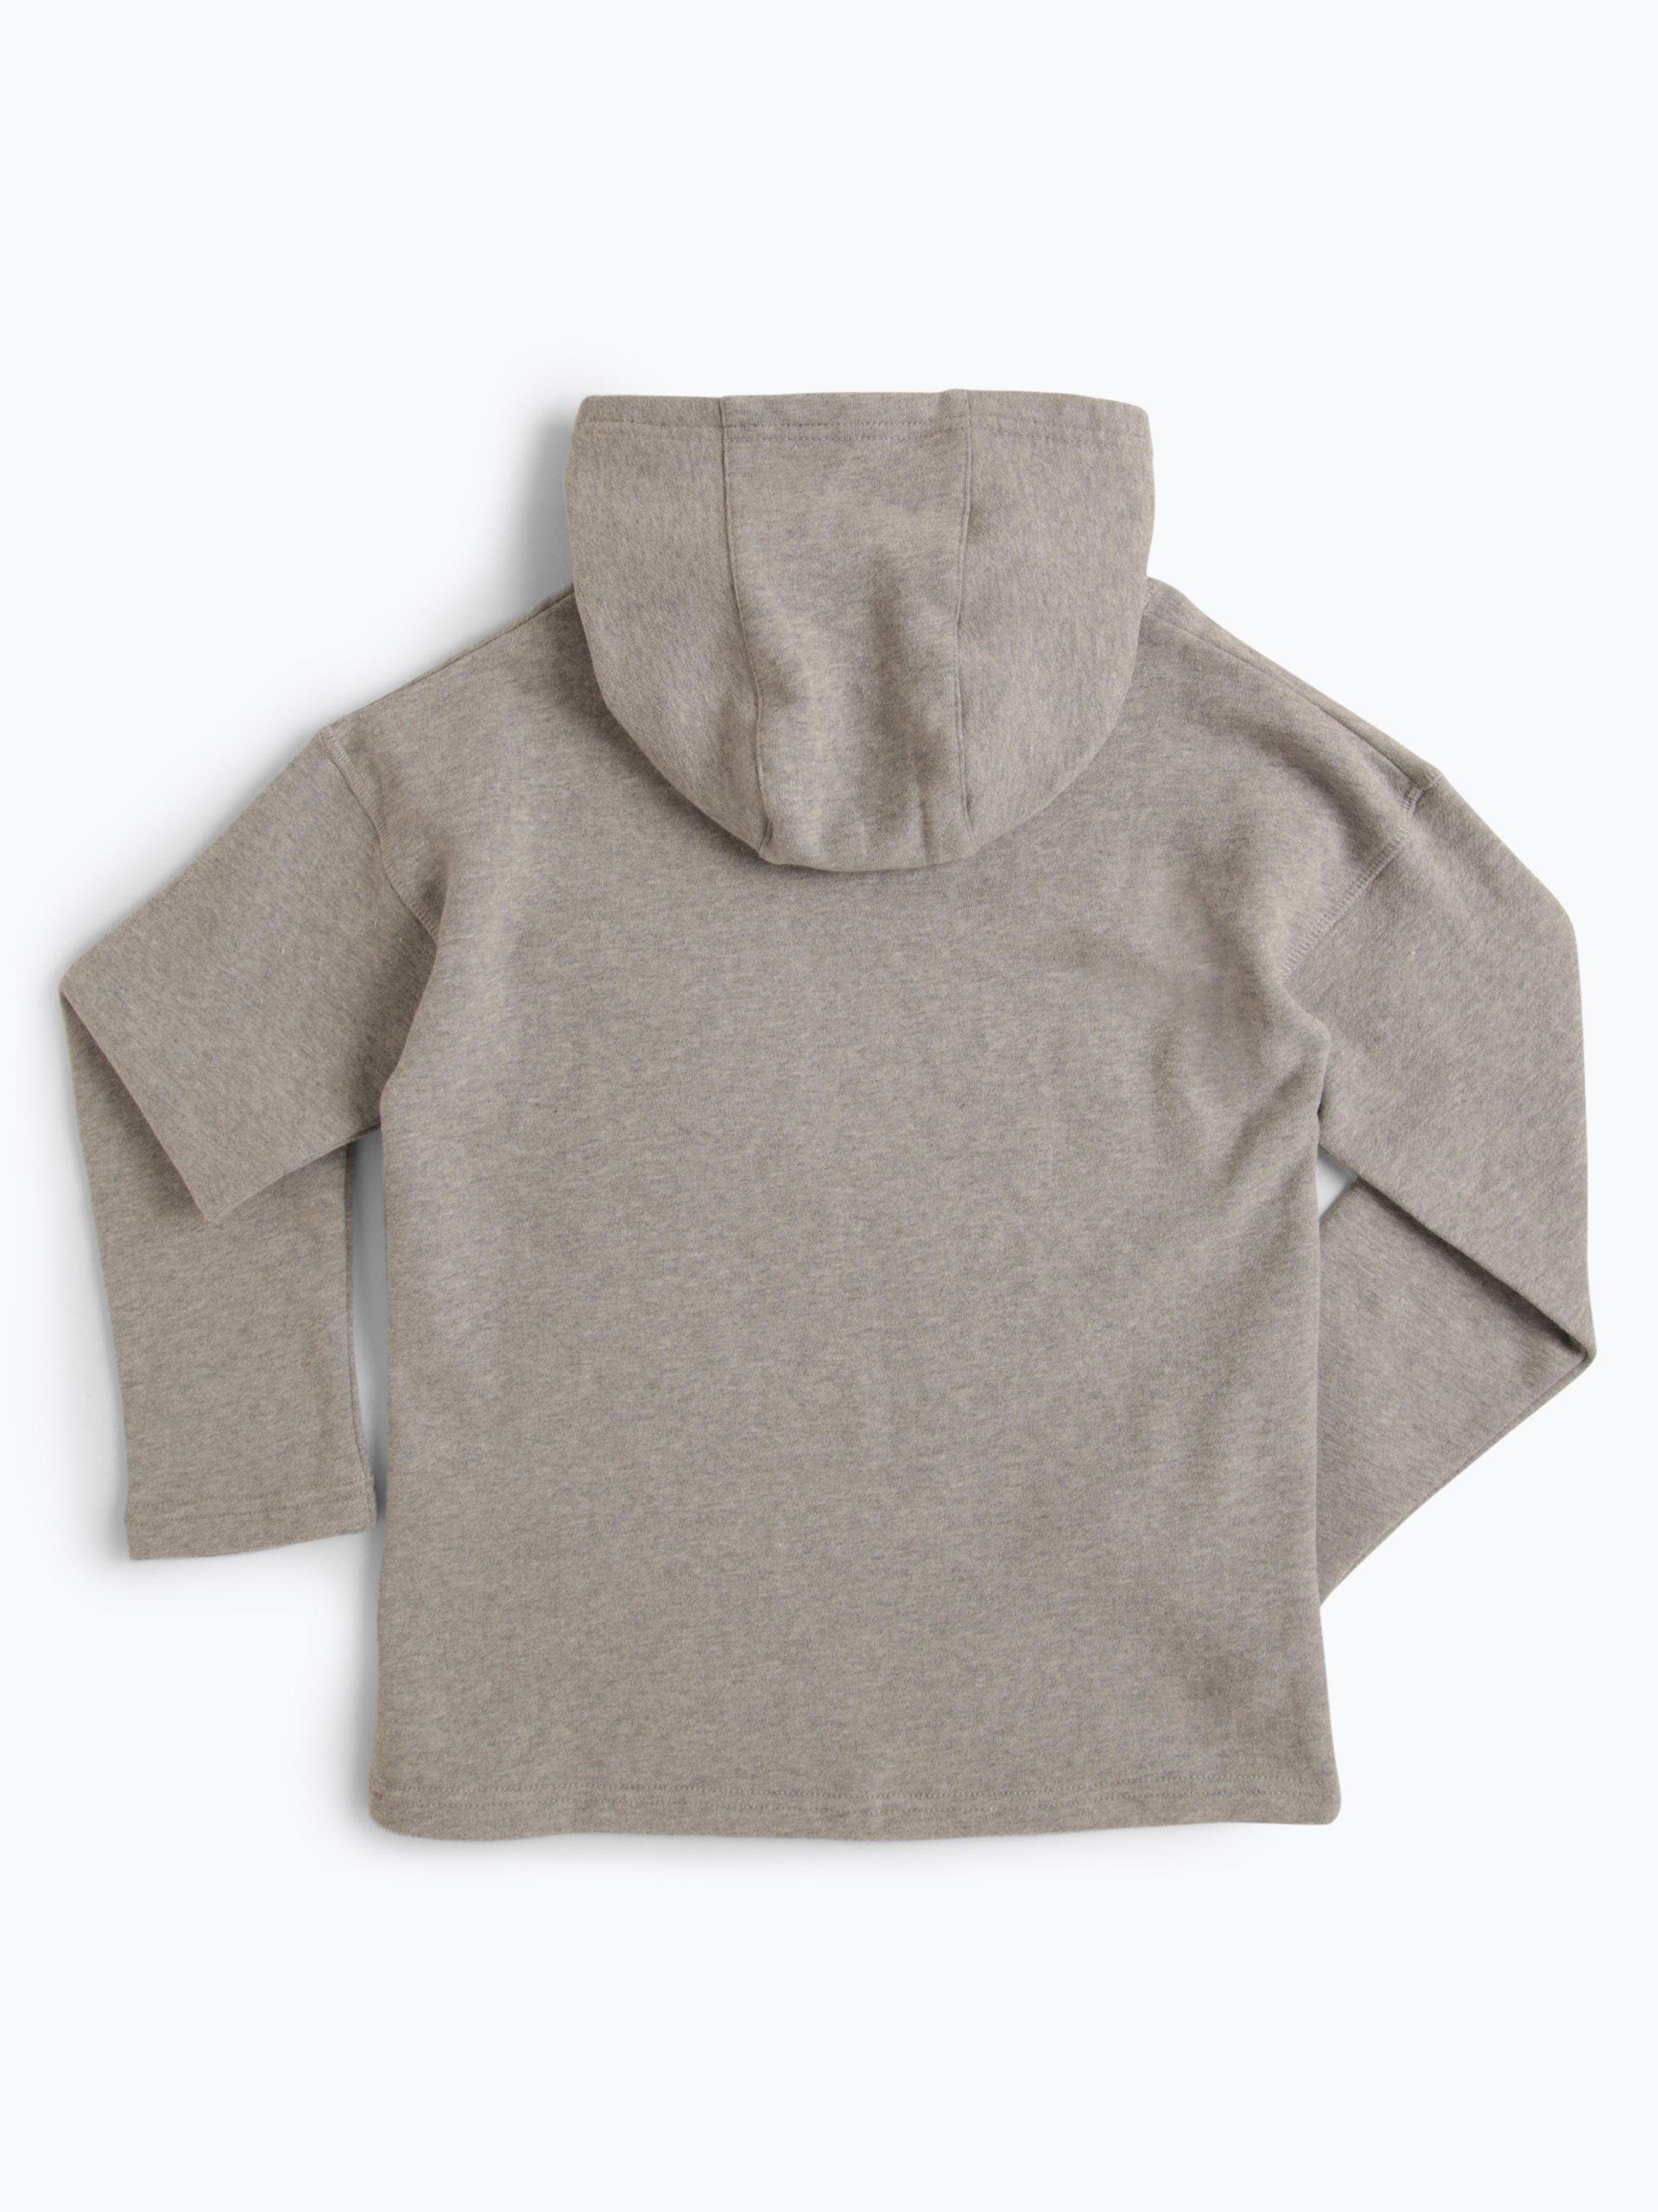 Pepe Jeans Jungen Sweatshirt - Luit